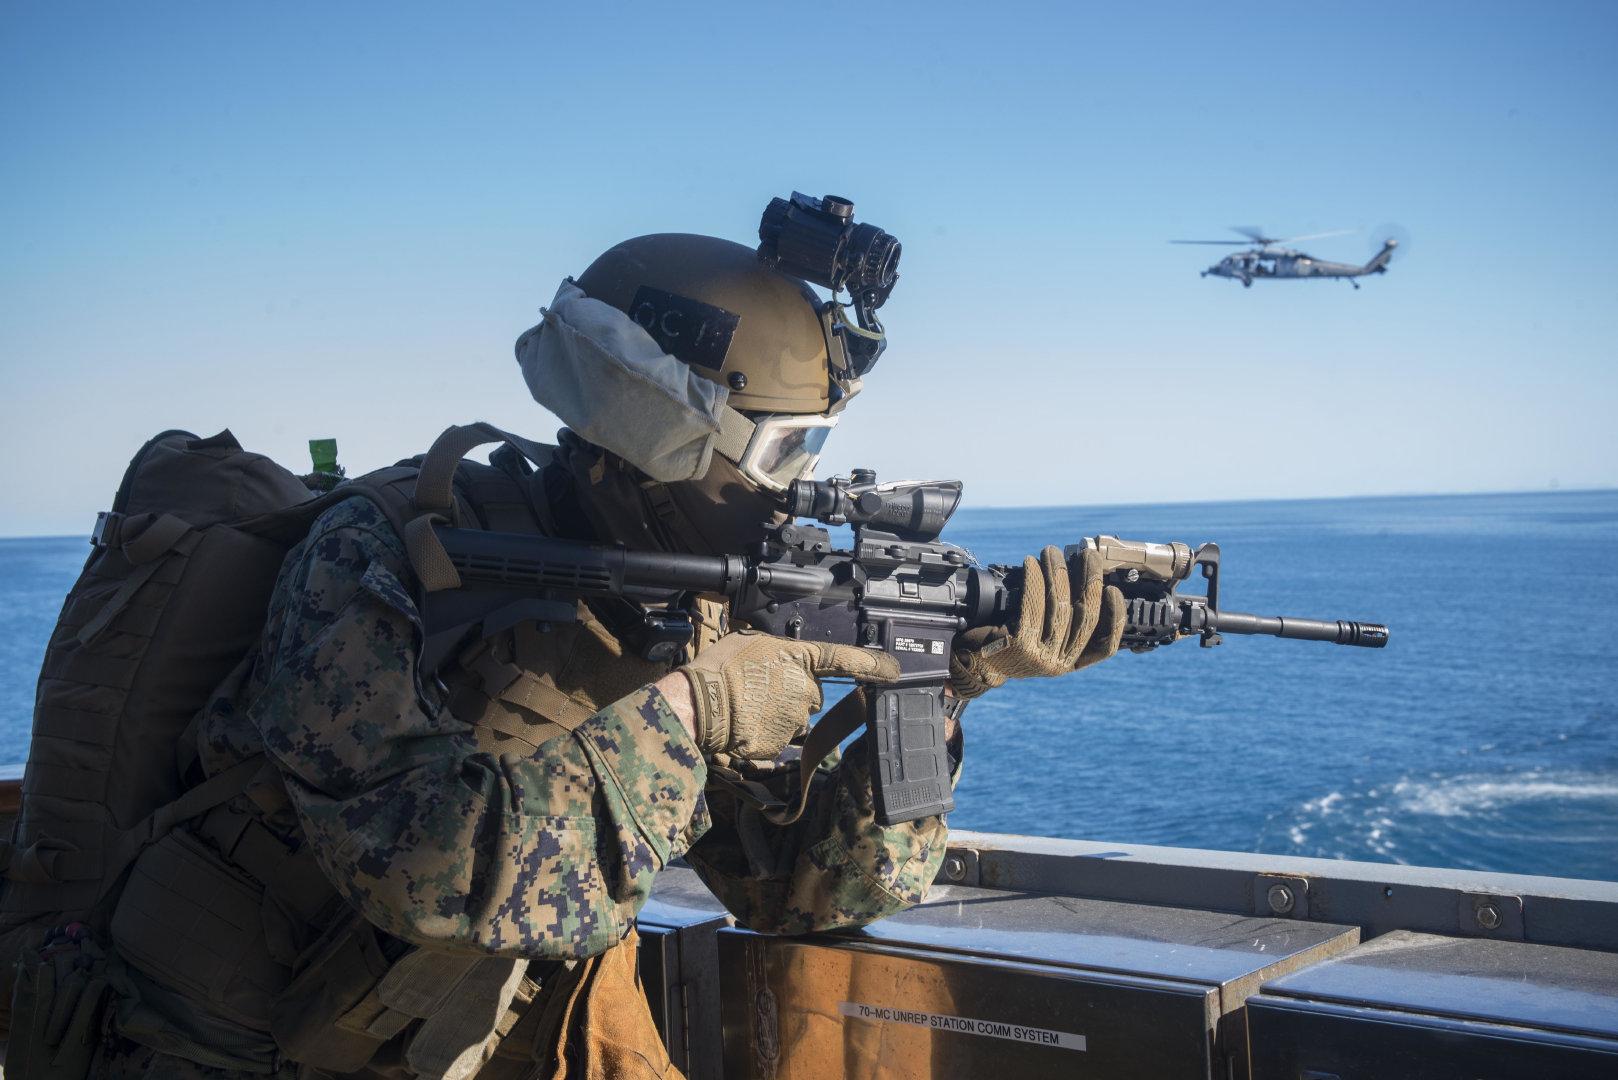 军事演习中拿着枪的士兵高清摄影图